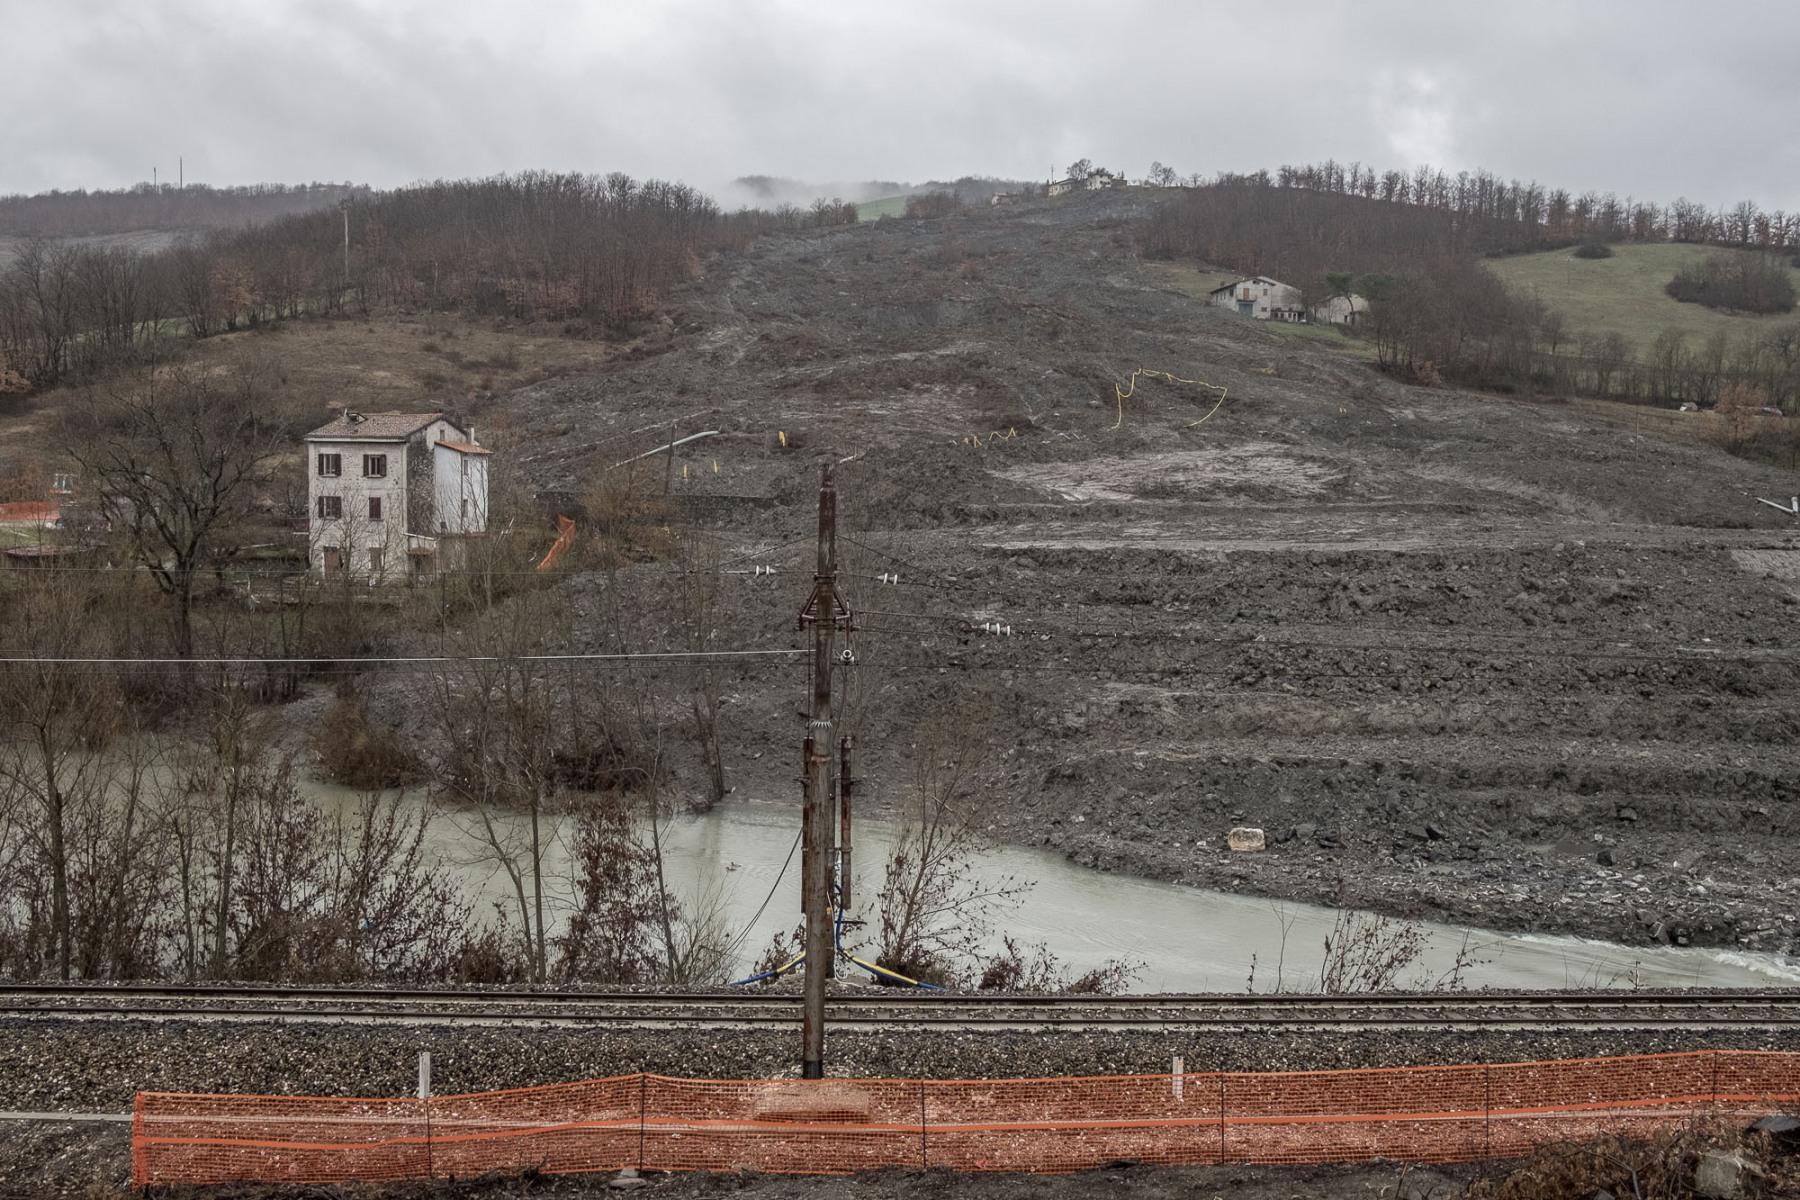 Appennino-bolognese-2018.-Fronte-franoso-nel-comune-di-Gaggio-Montano-lungo-la-statale-porrettana.